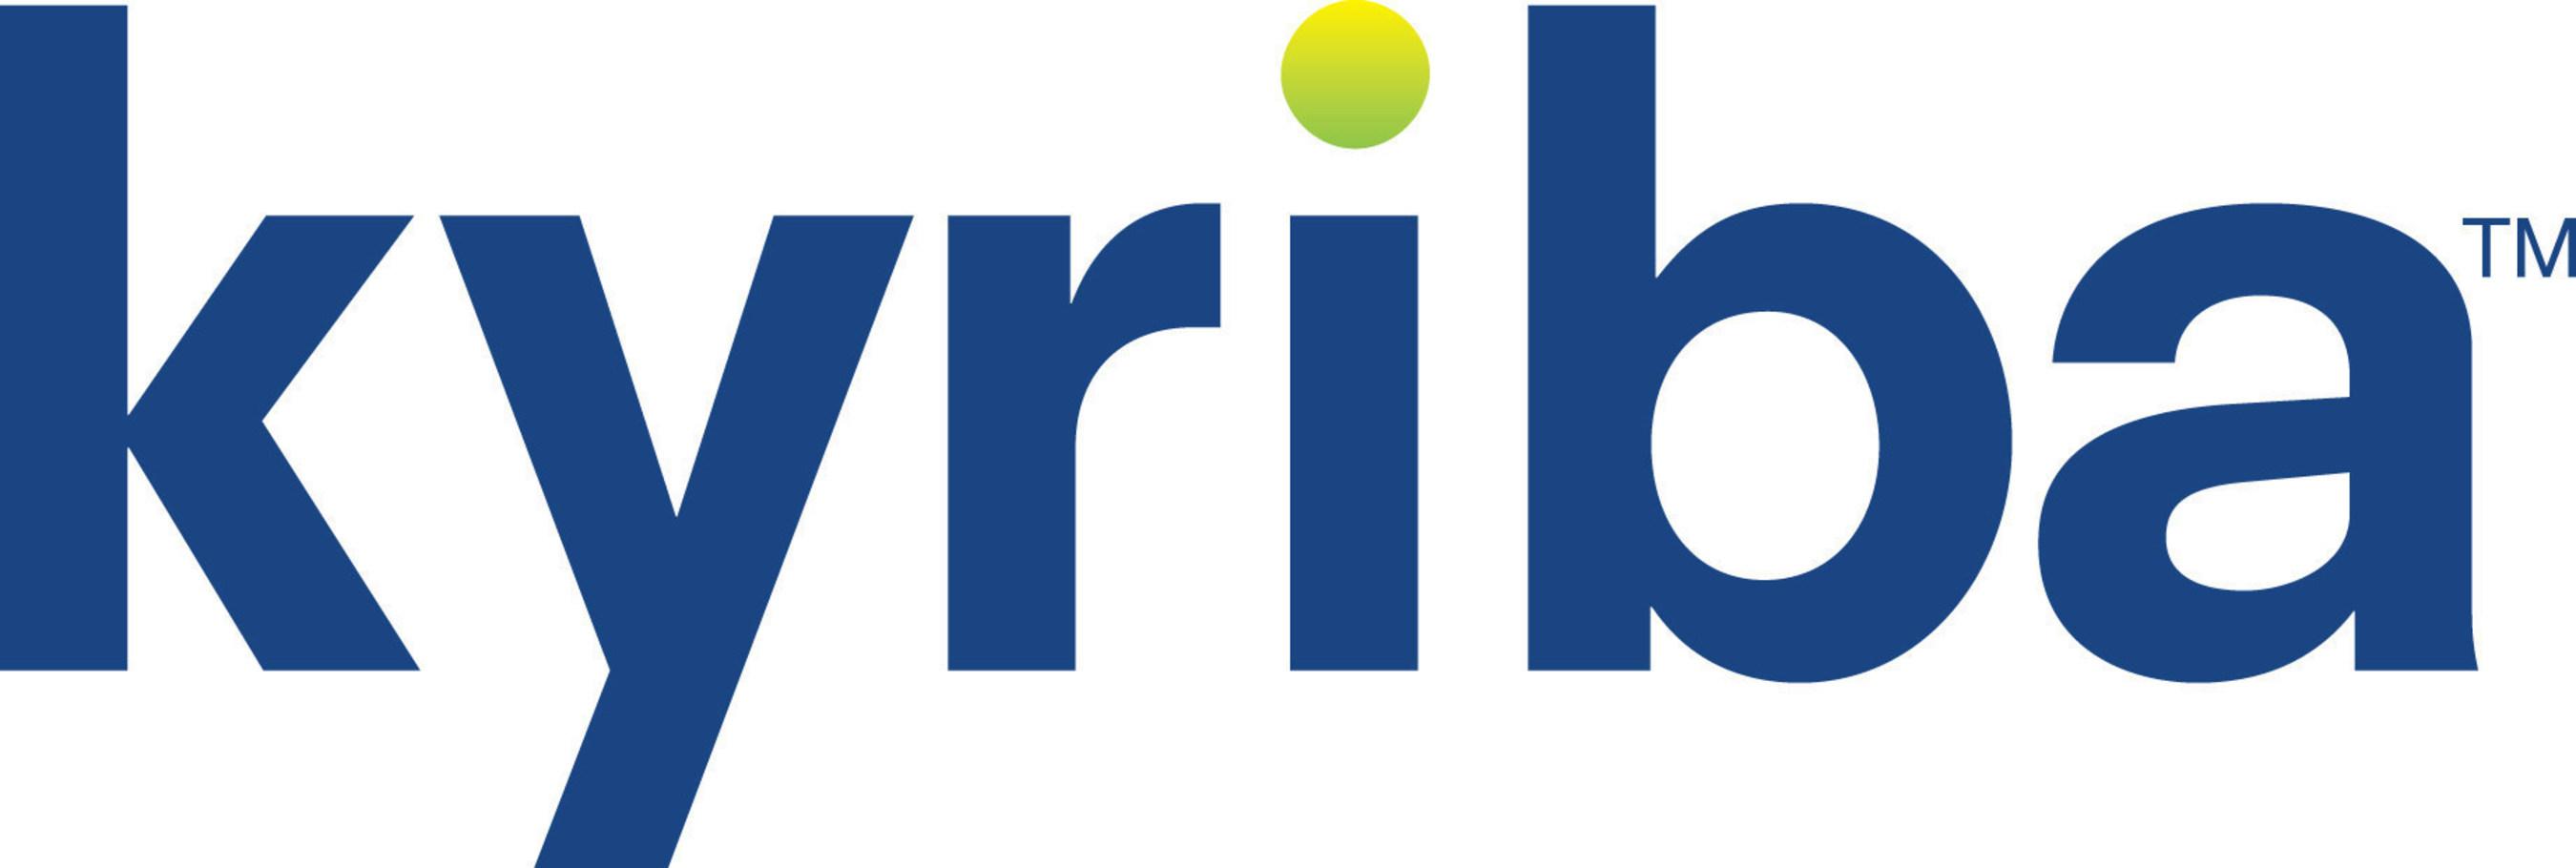 Kyriba termine son troisième cycle de financement à hauteur de 21 millions de dollars